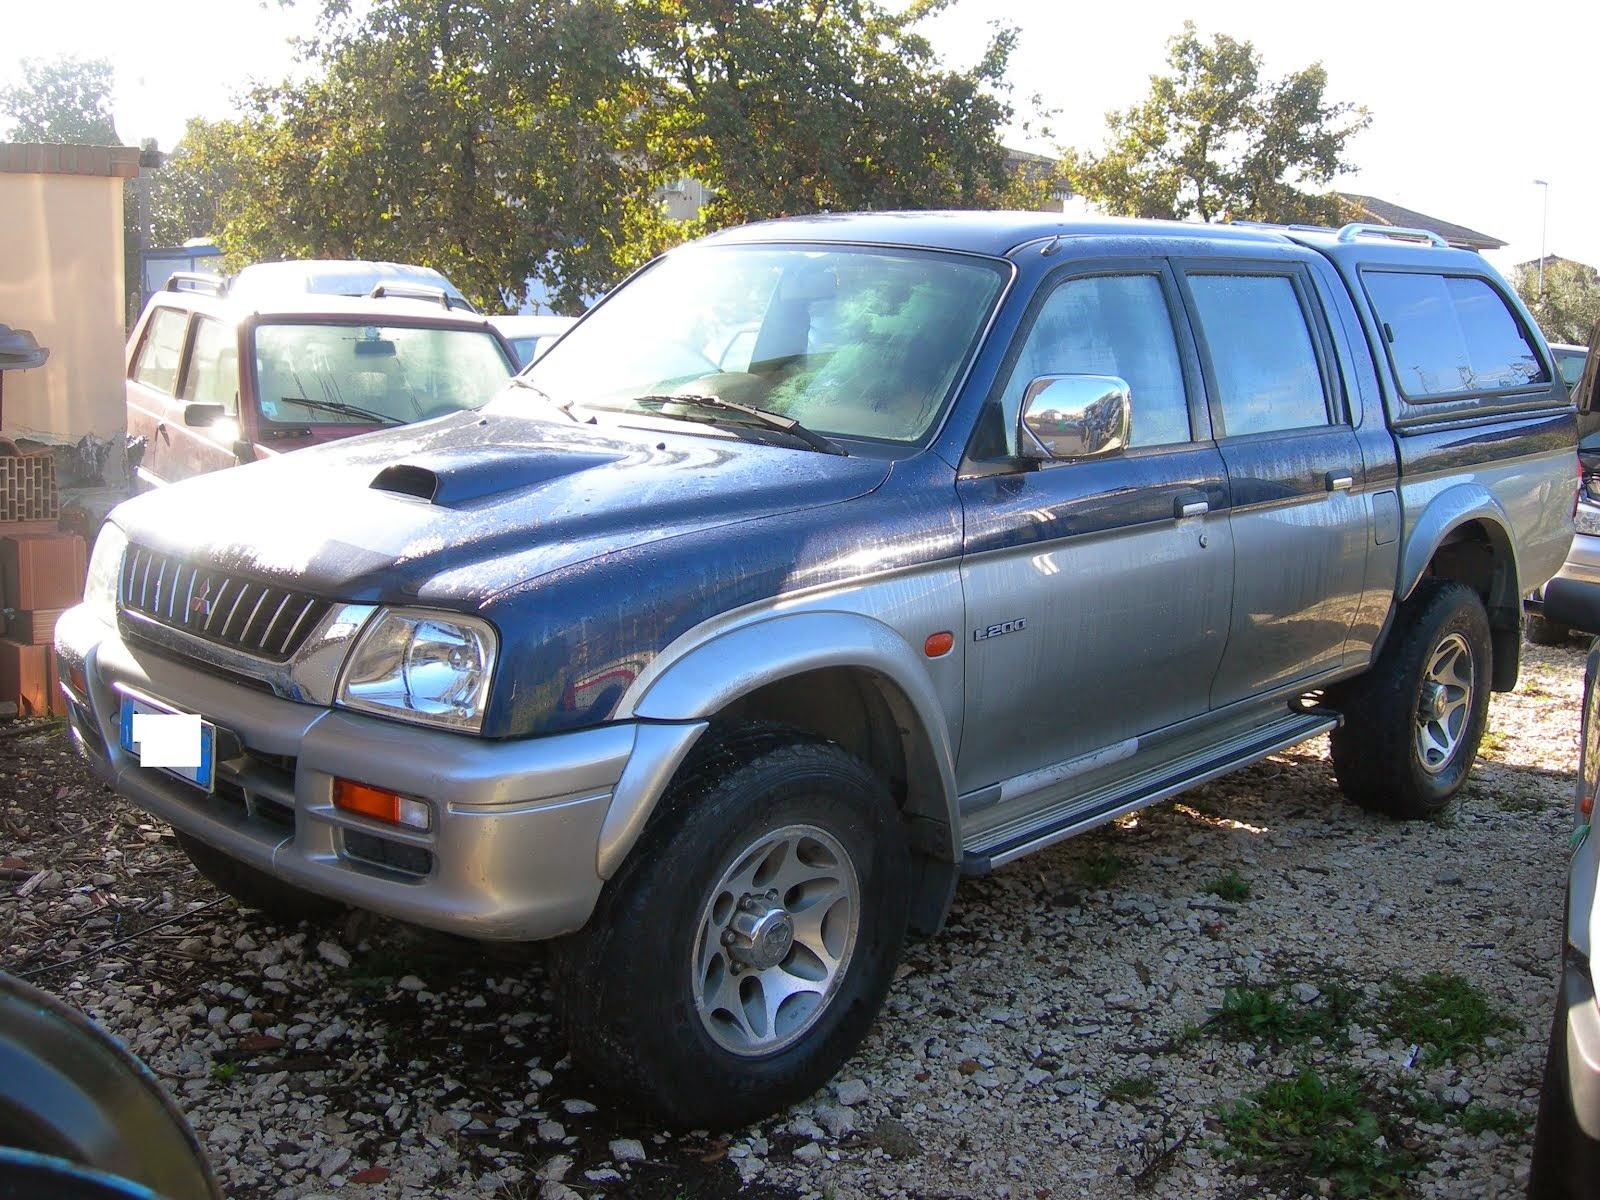 Mitsubishi L200 2.5 Tdi 4x4 full optional 110.000km anno 2000 Prezzo 6.500,00 euro